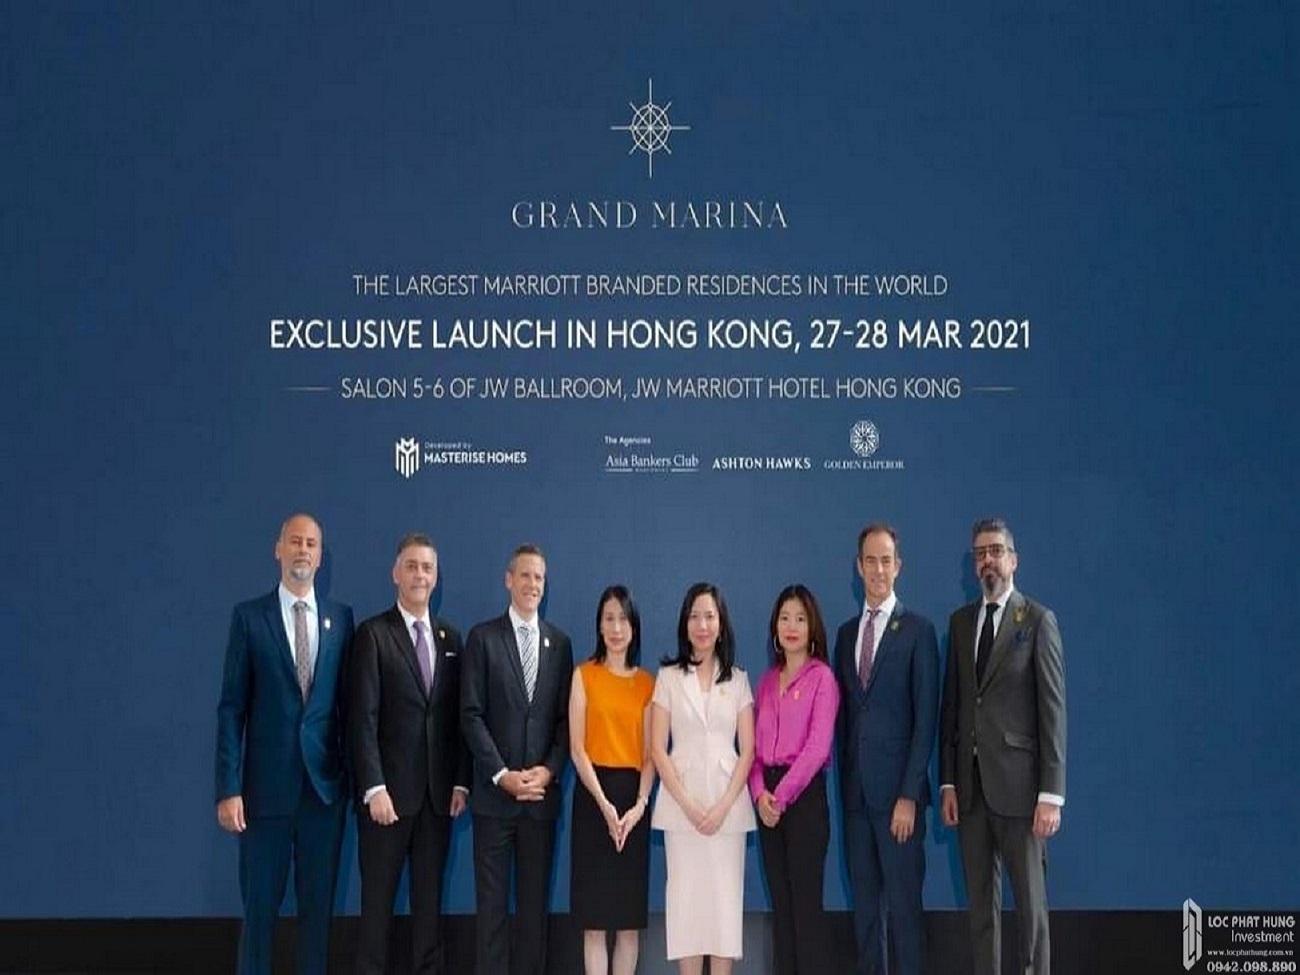 HỌP BÁO RA MẮT ĐỘC QUYỀN DỰ ÁN GRAND MARINA SAIGON TẠI HONGKONG